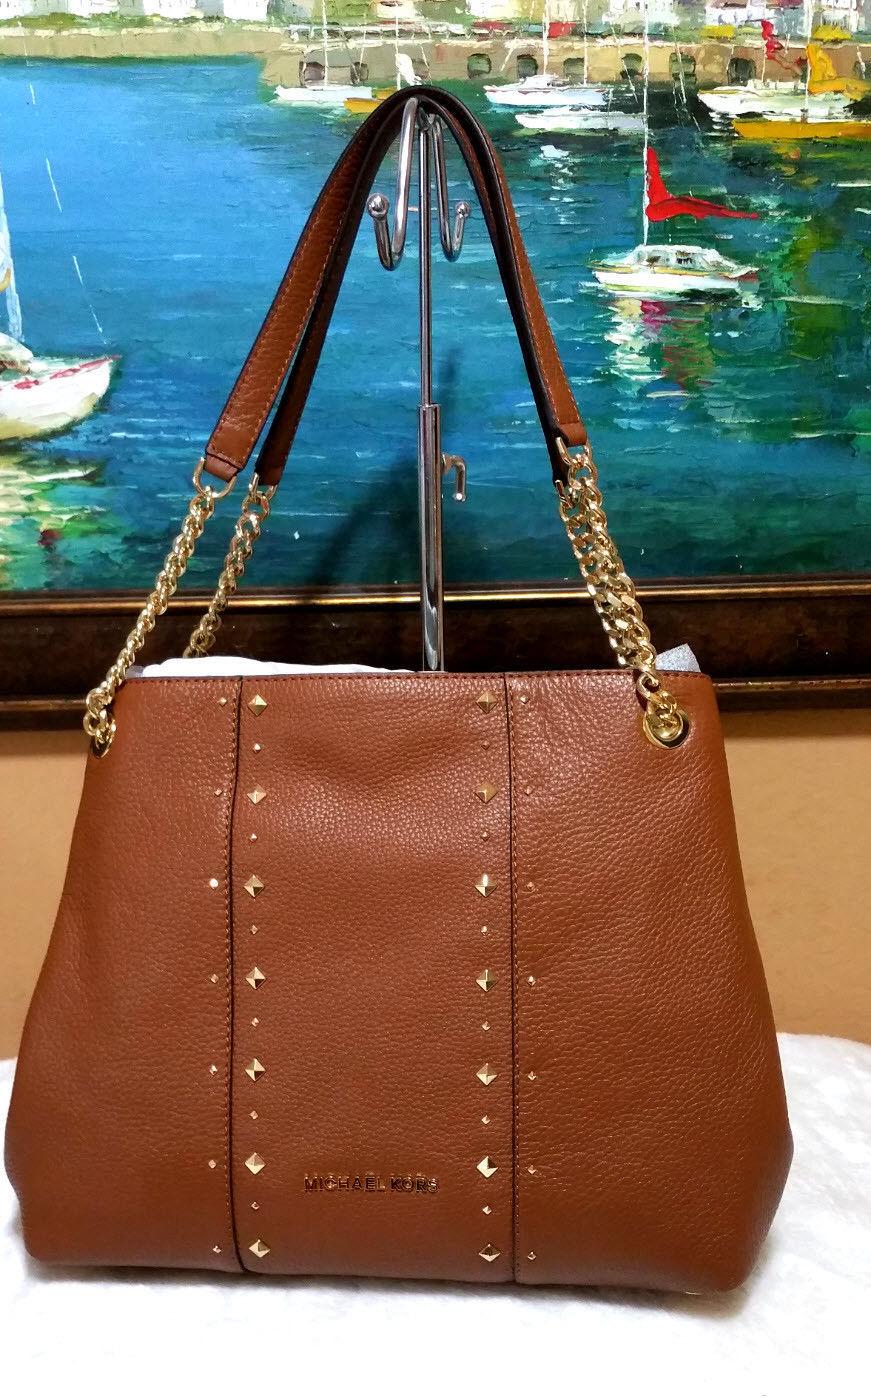 c56c7e7d9340 MICHAEL KORS jet set chain SHOULDER BAG leather purse stud Raven Brown NWT